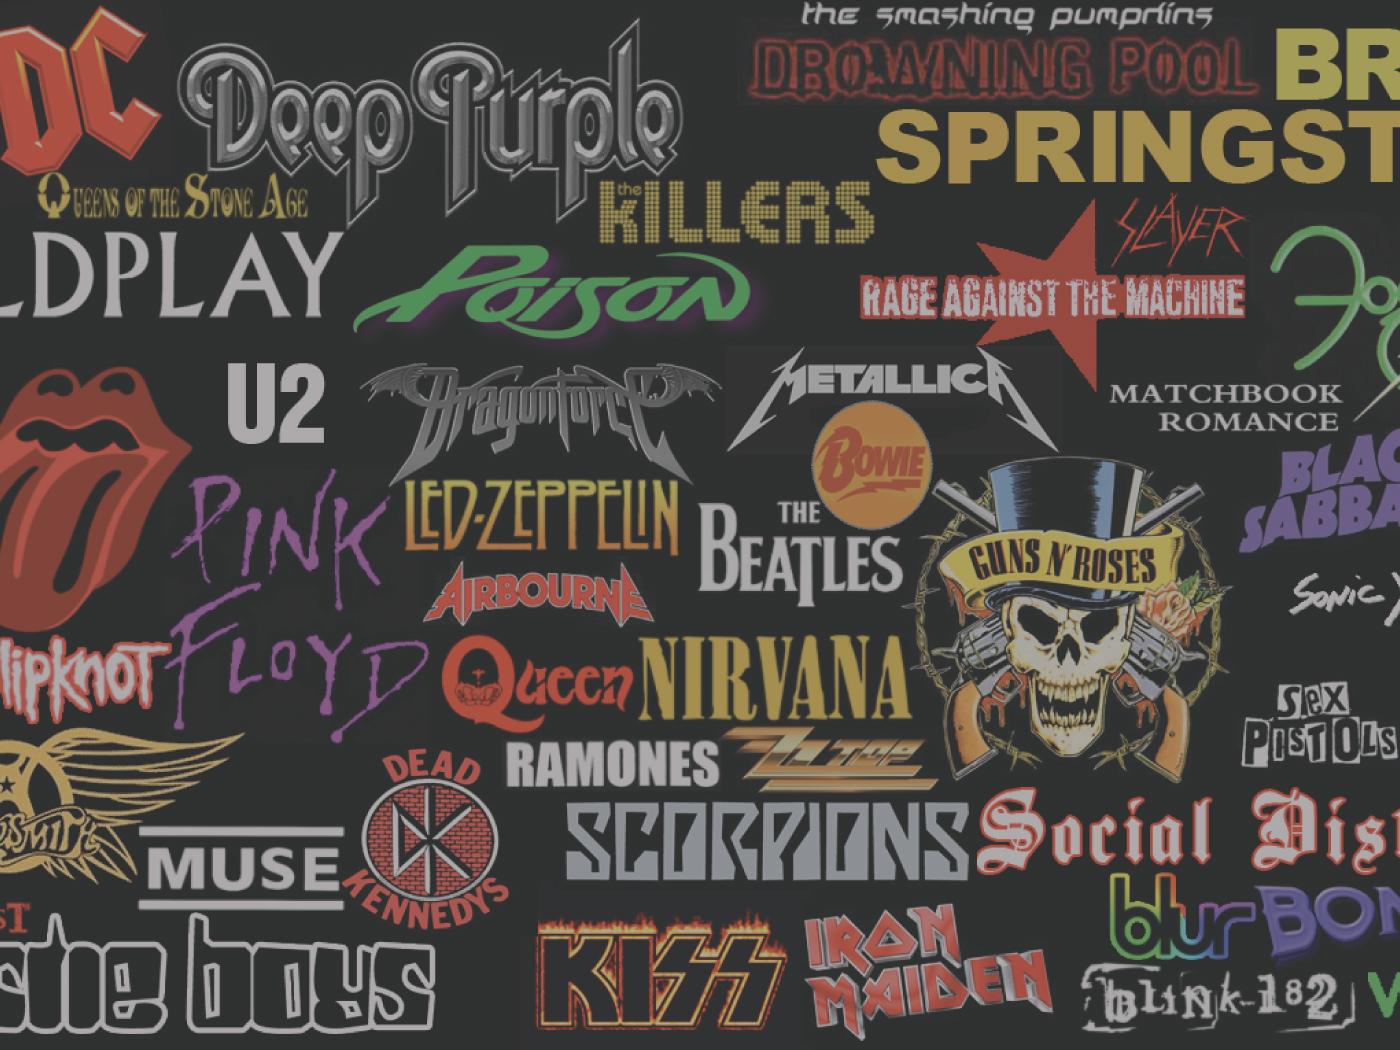 11 bandas de rock y el por qué de sus nombres